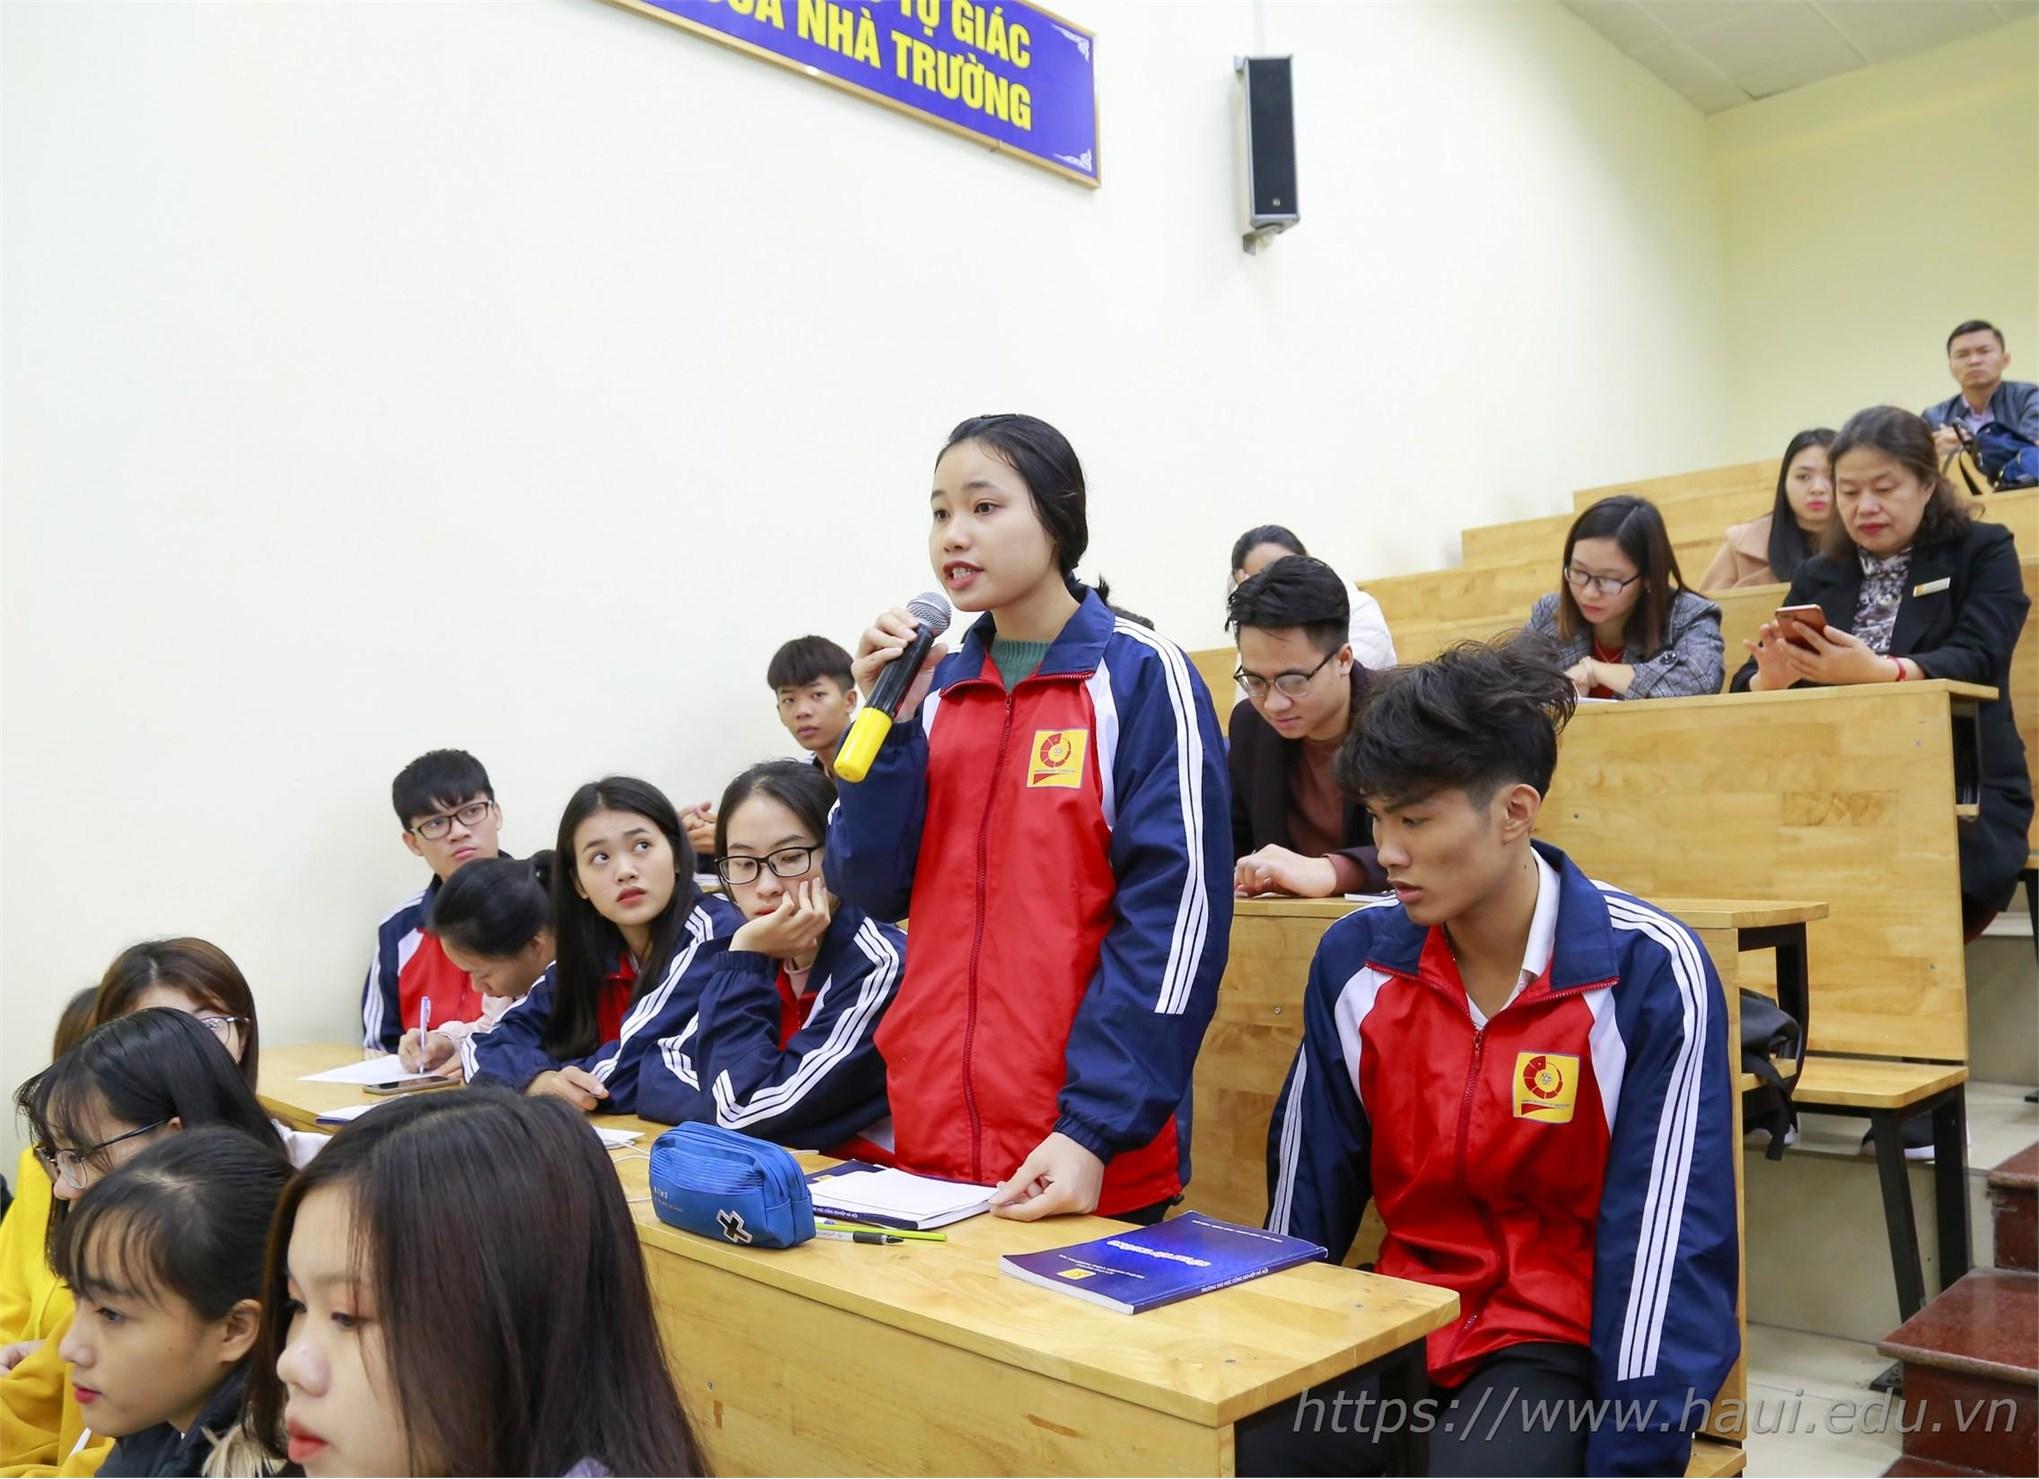 Đại diện sinh viên Khoa Du lịch phát biểu ý kiến tại Hội nghị lớp trưởng, bí thư chi đoàn tại cơ sở 3 – Hà Nam